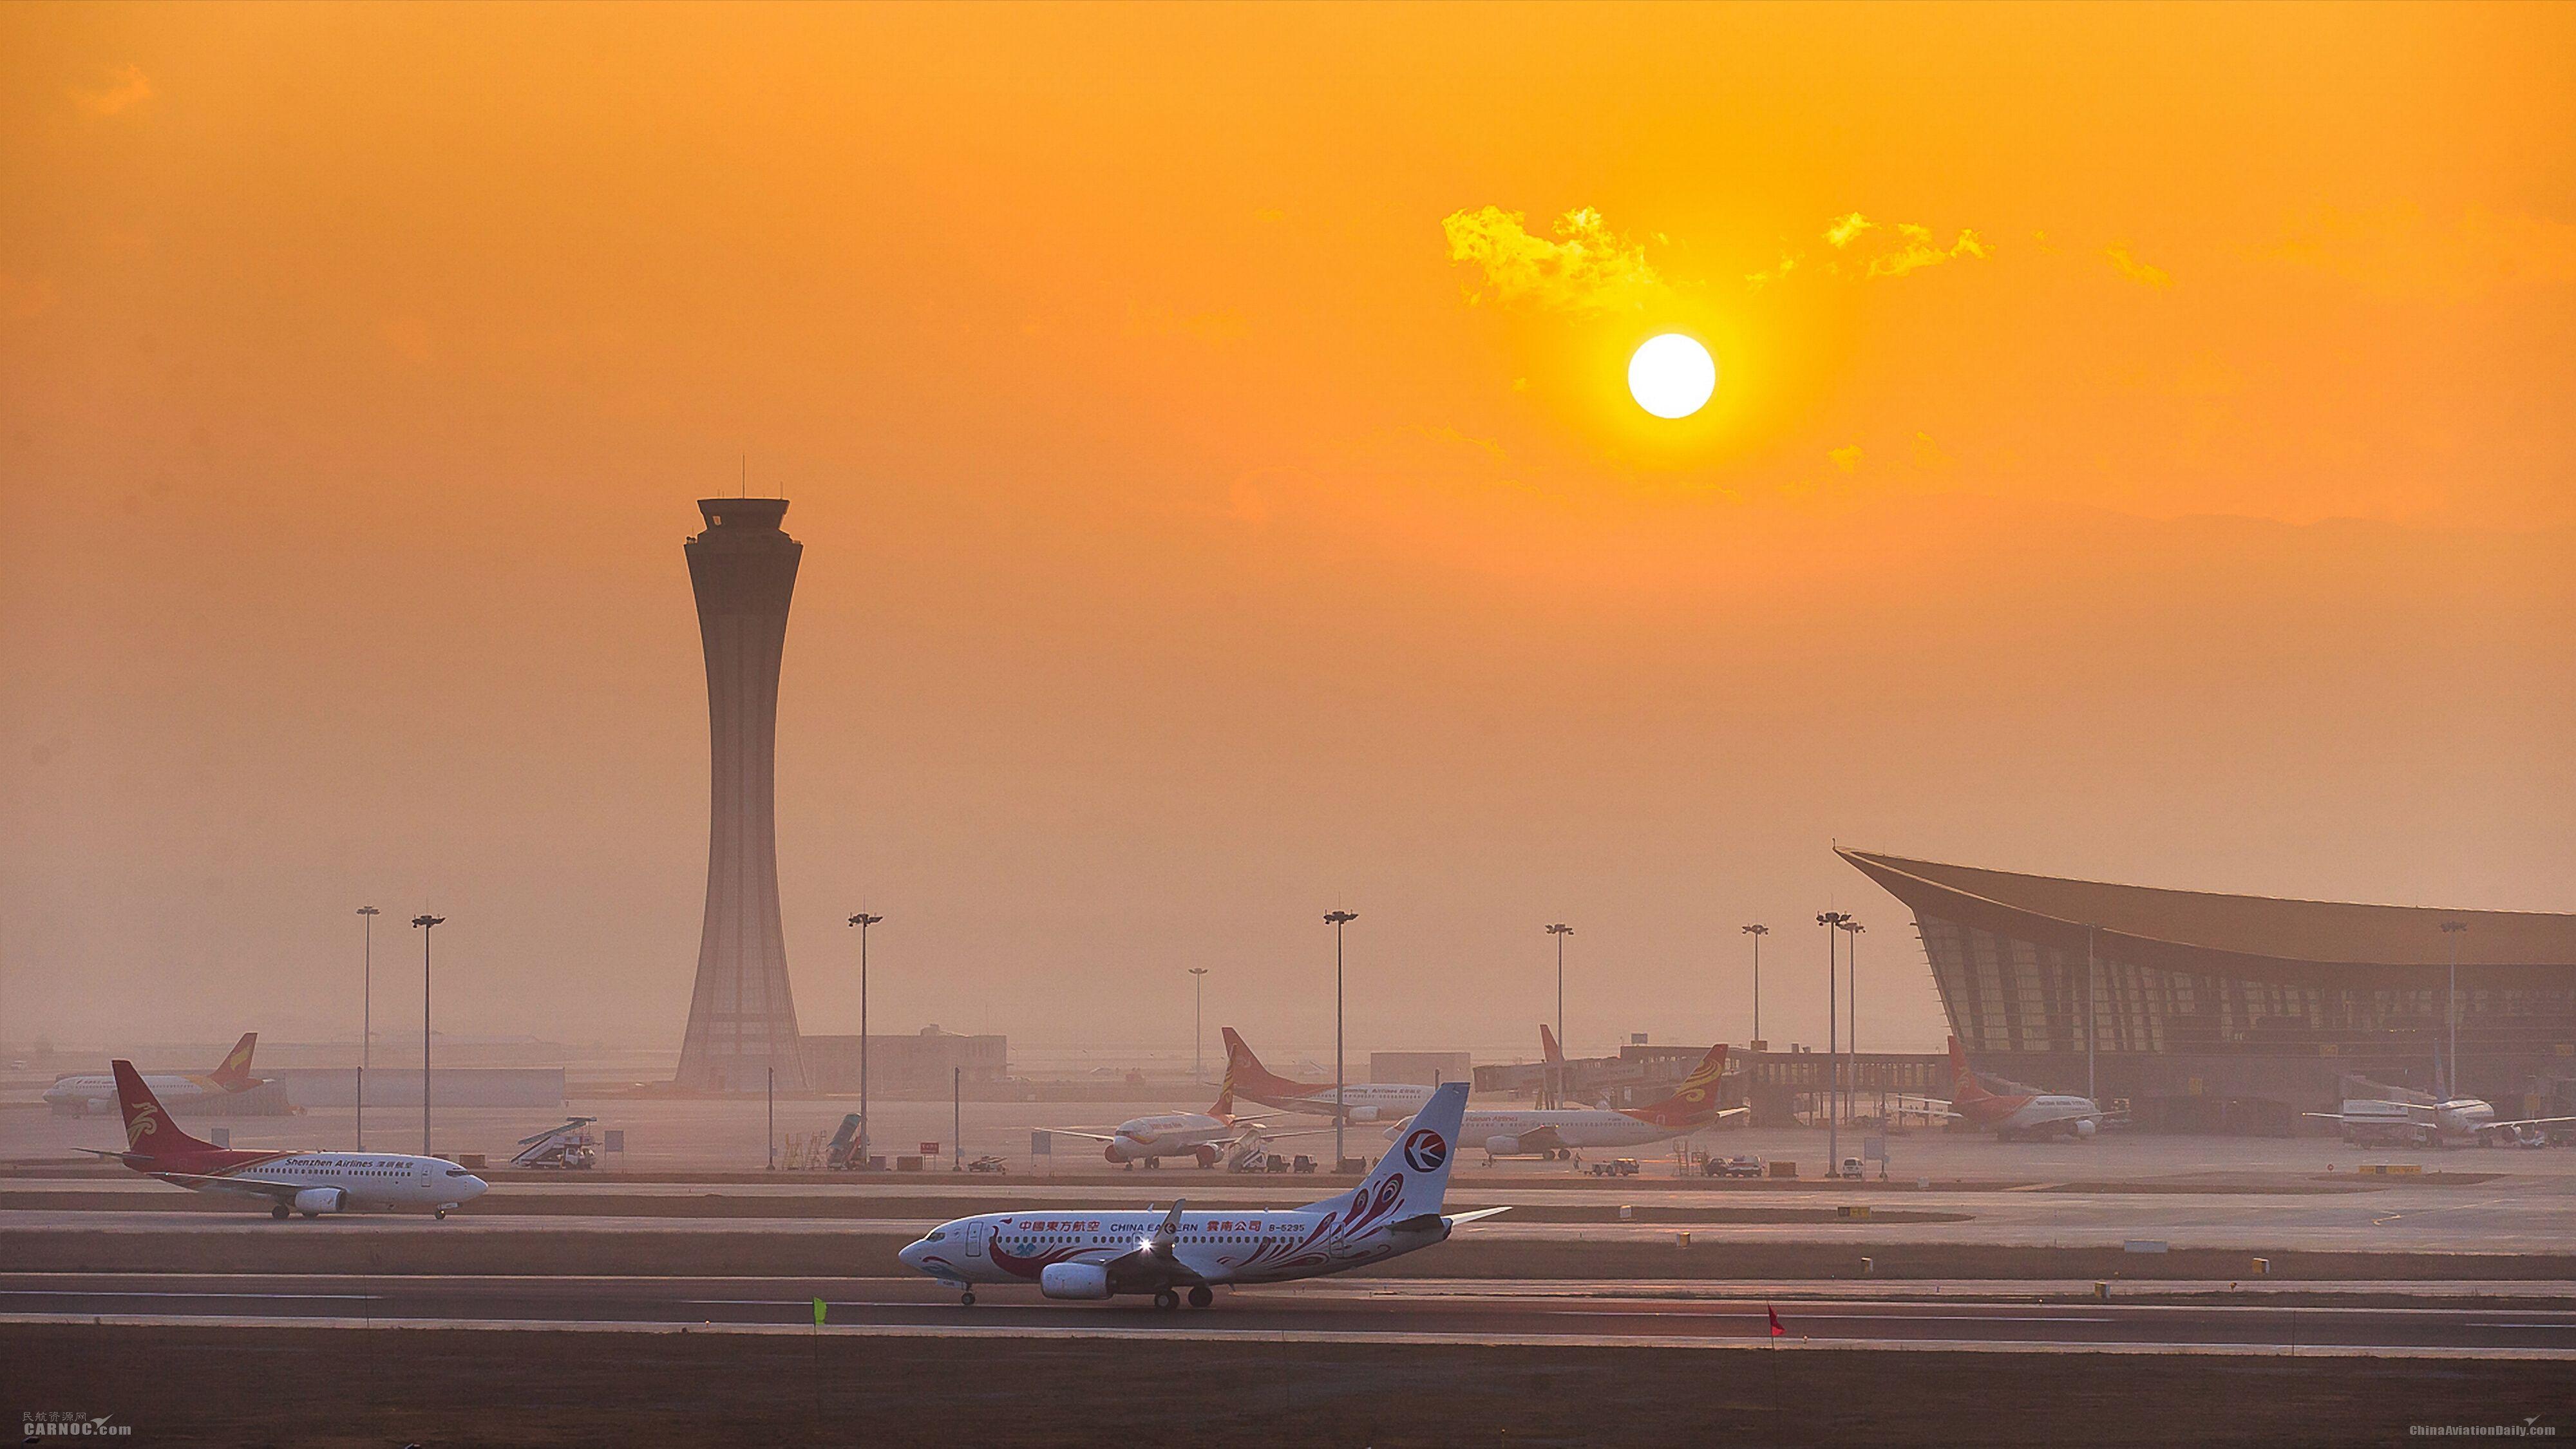 昆明机场同向区域停放航空器绿色共享模式实践应用